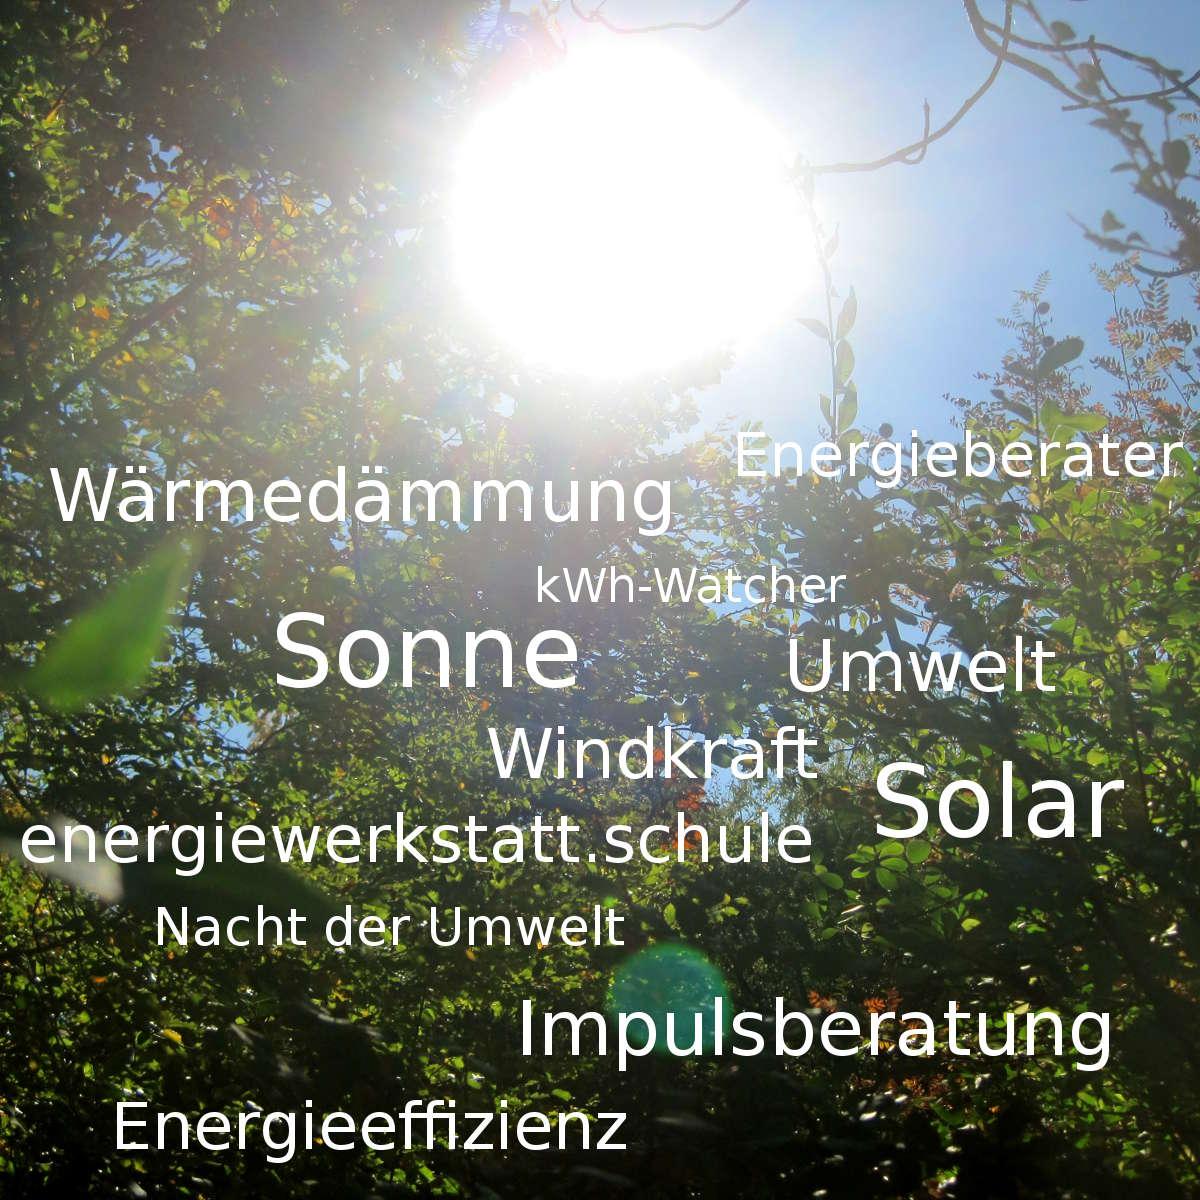 sonnescheint_mobile